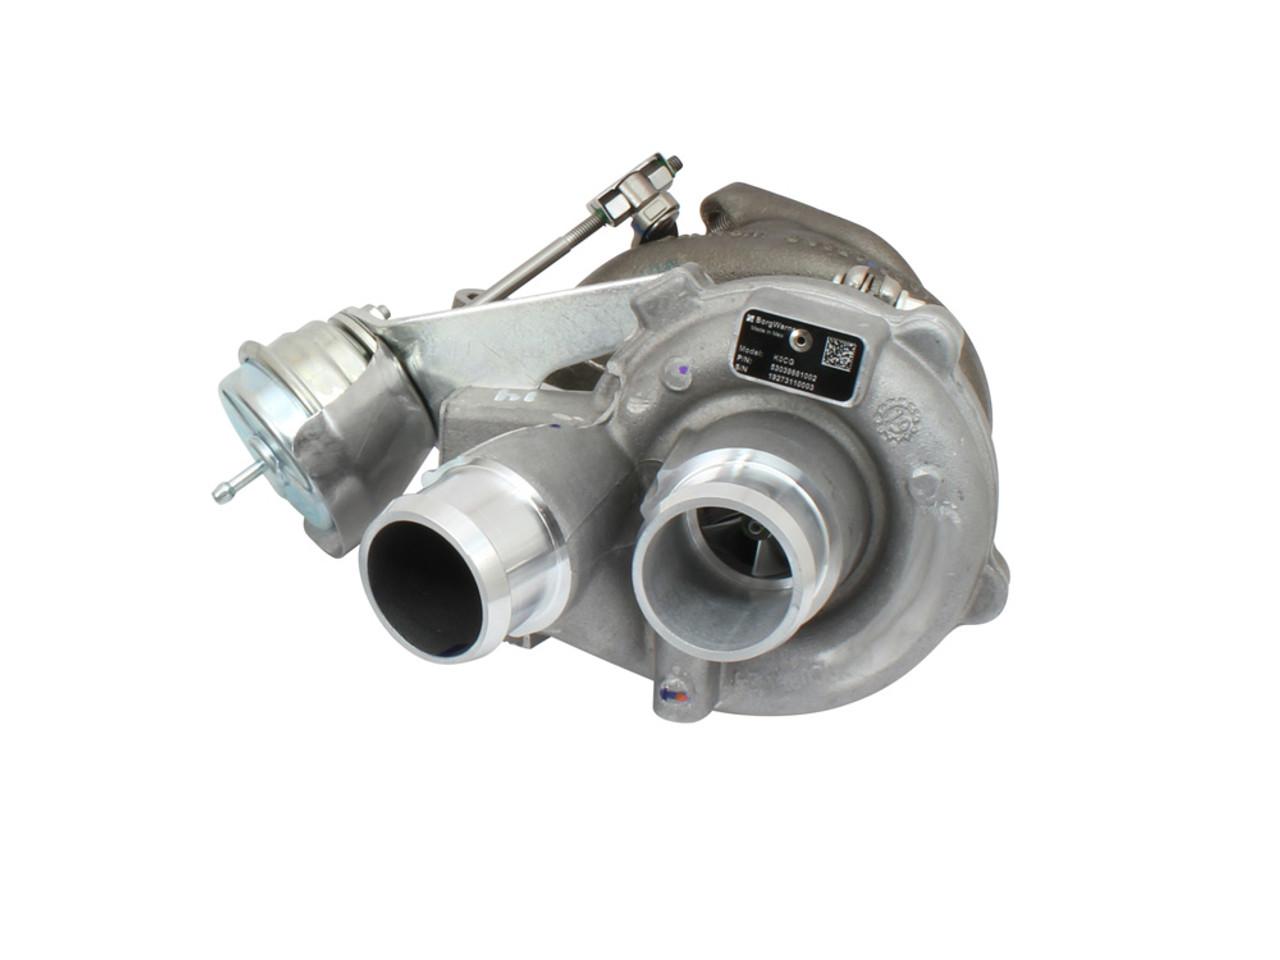 Borg Warner 3.5 Ecoboost F150 Turbo Upgrade 53039881002 2013-2016 Left Side